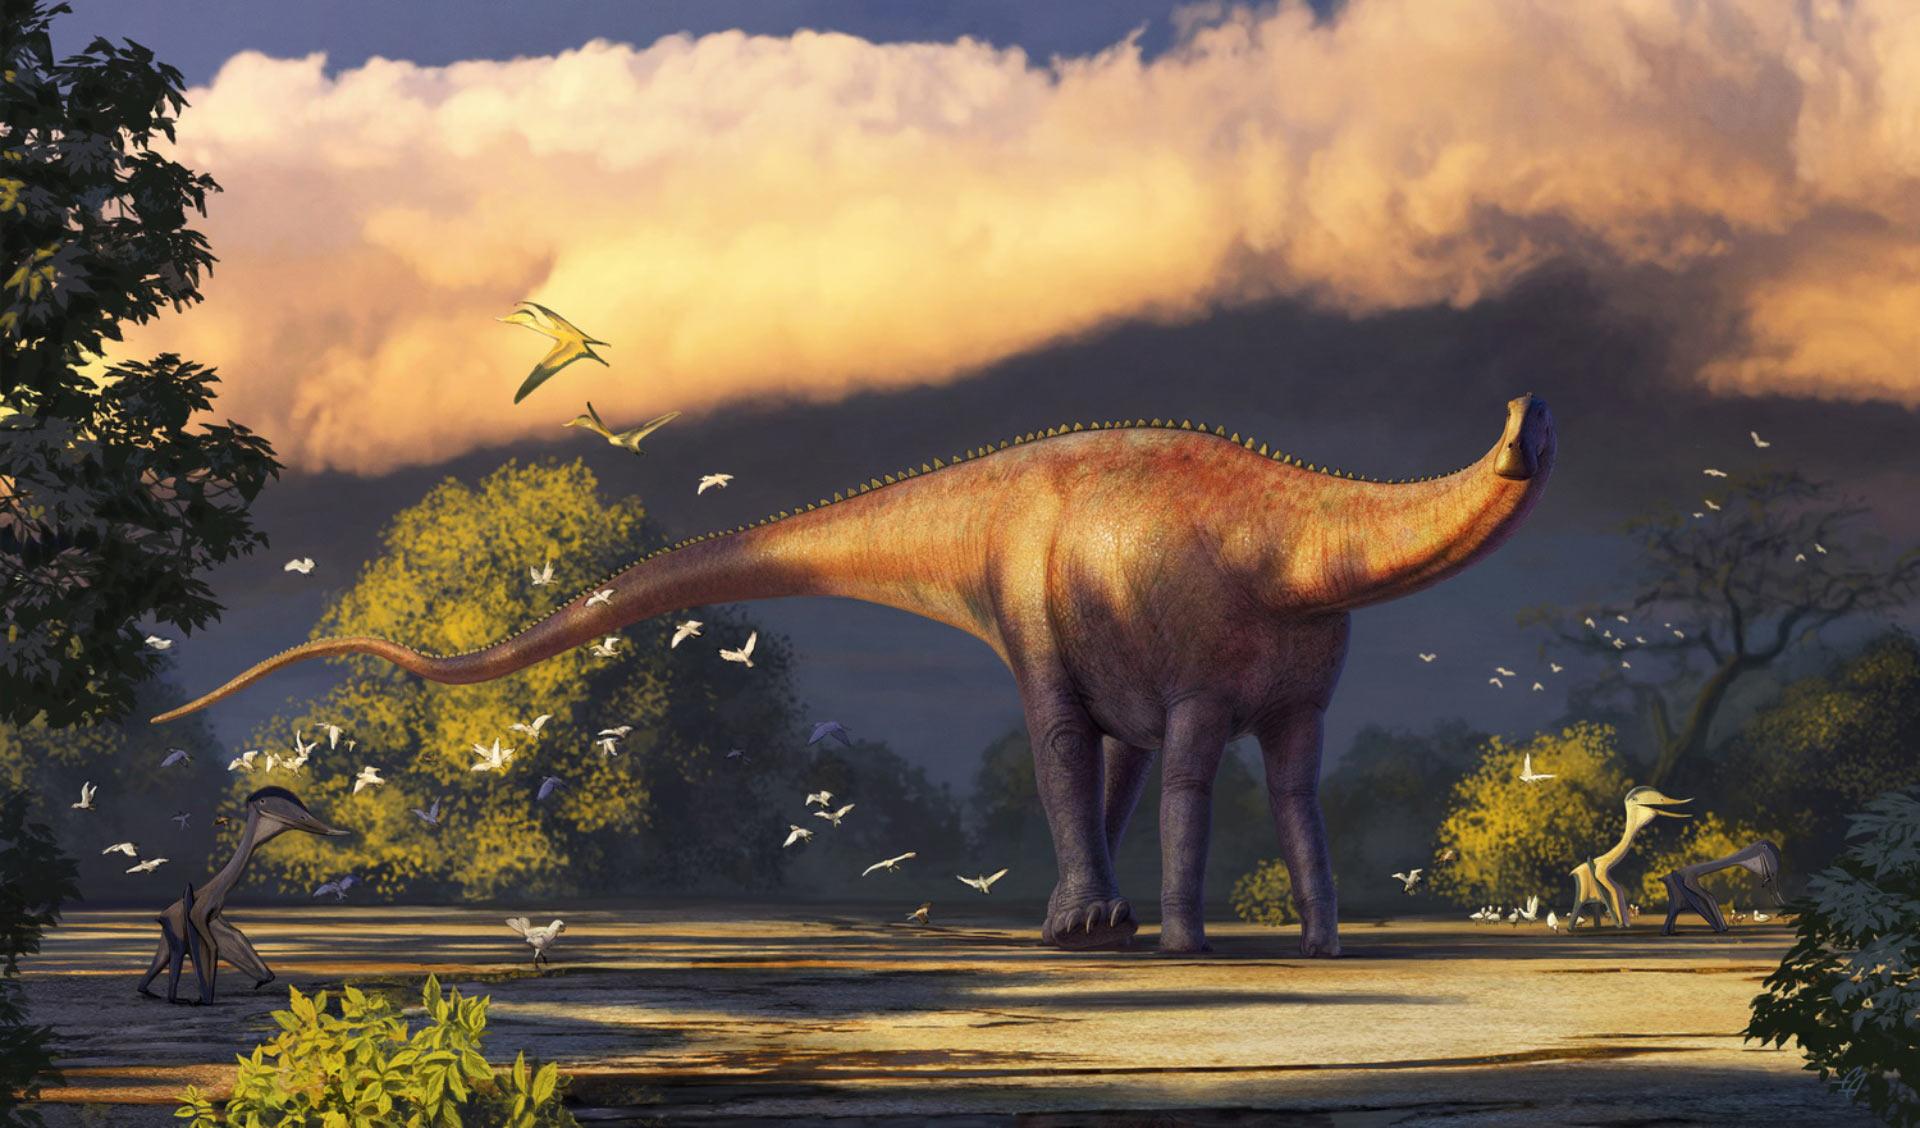 В Узбекистане обнаружили останки огромного динозавра-зауропода.Вокруг Света. Украина